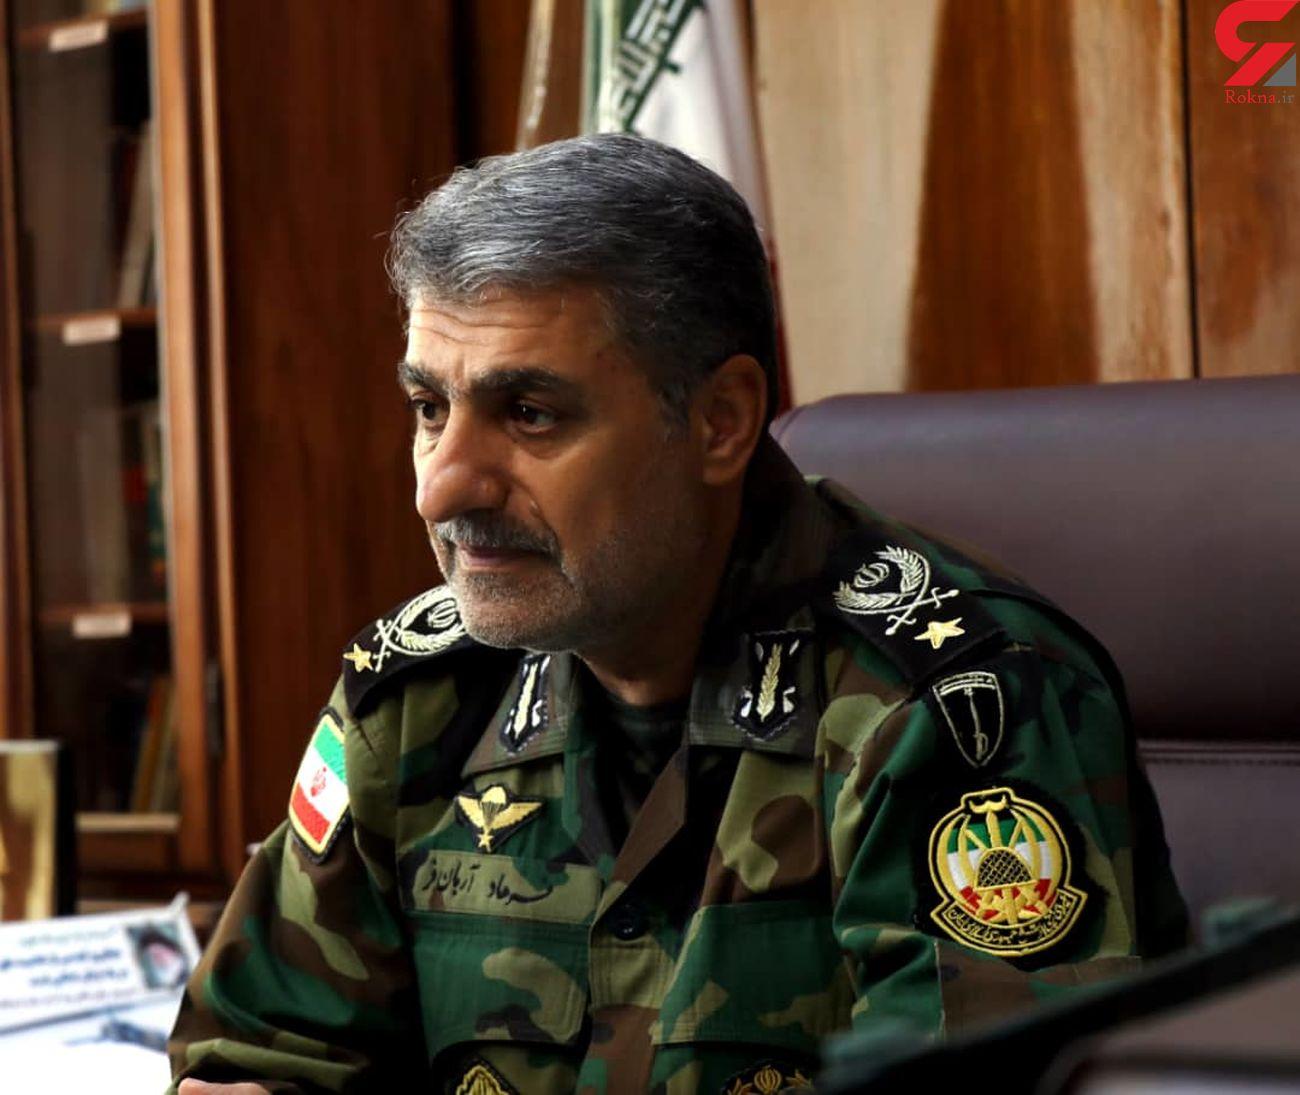 عملیات بازیدراز کمر ارتش بعثی را شکست